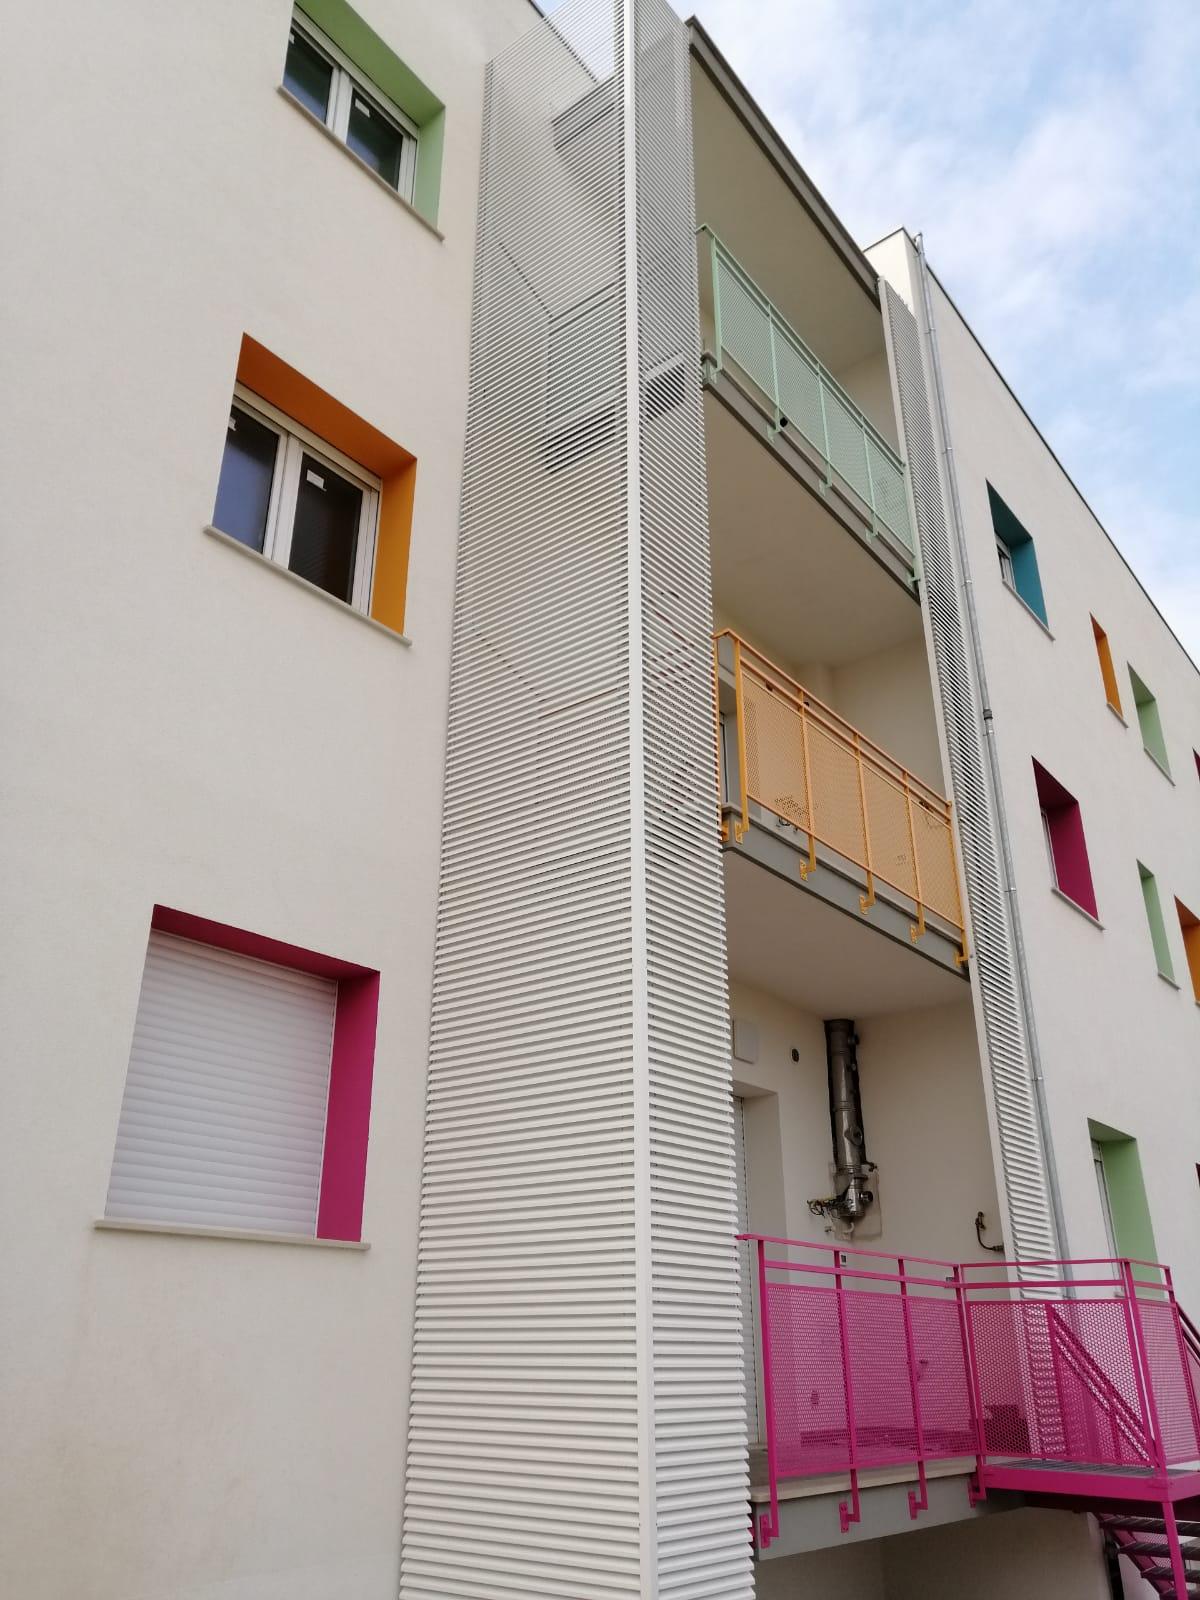 Ringhiere colorate e balconi a Bari, Brindisi e in Puglia